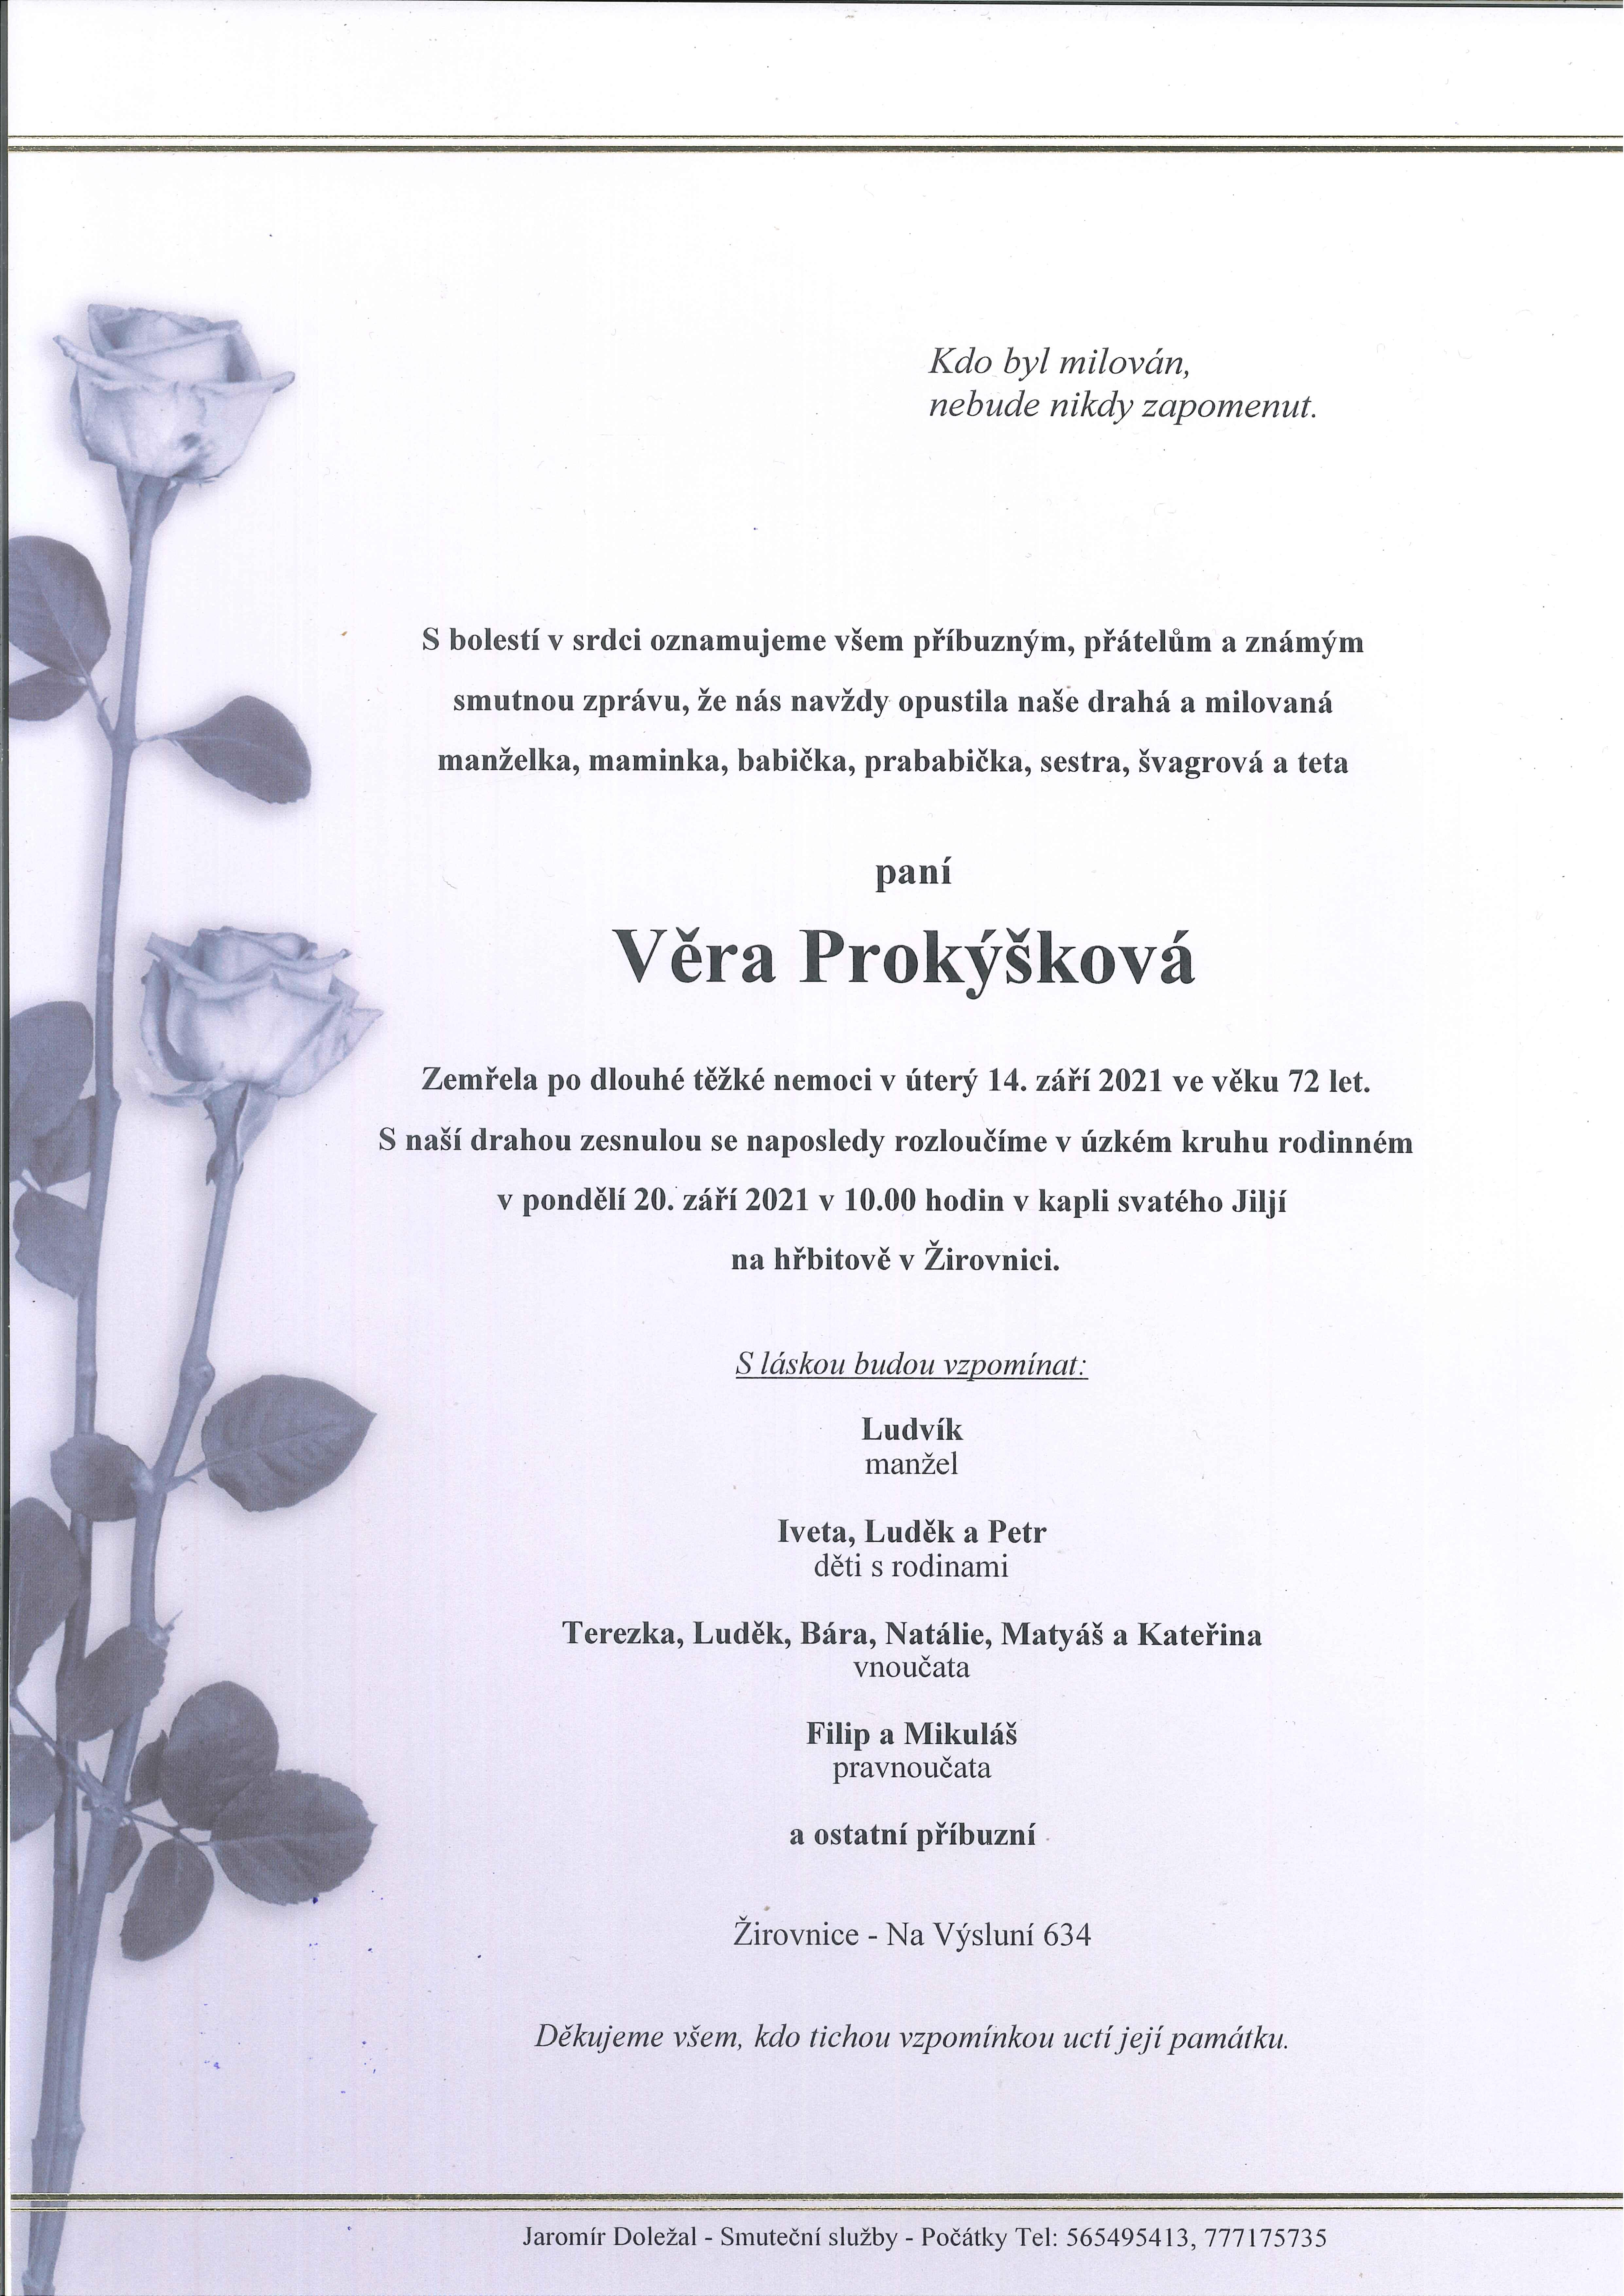 Věra Prokýšková